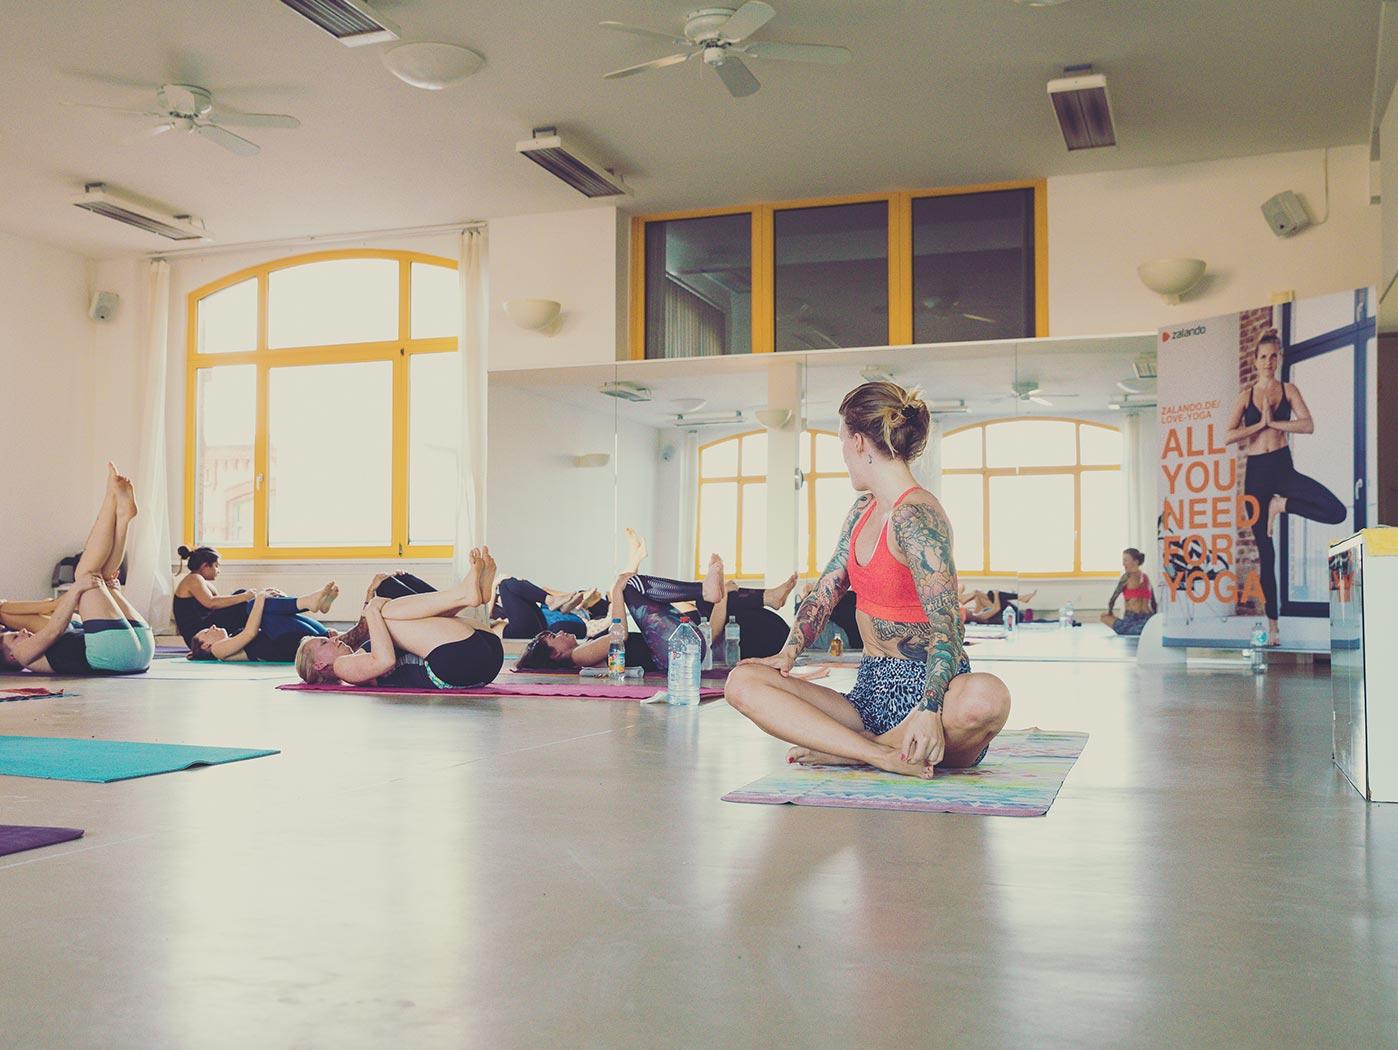 Location:In diesem Yogastudio fand das Event statt